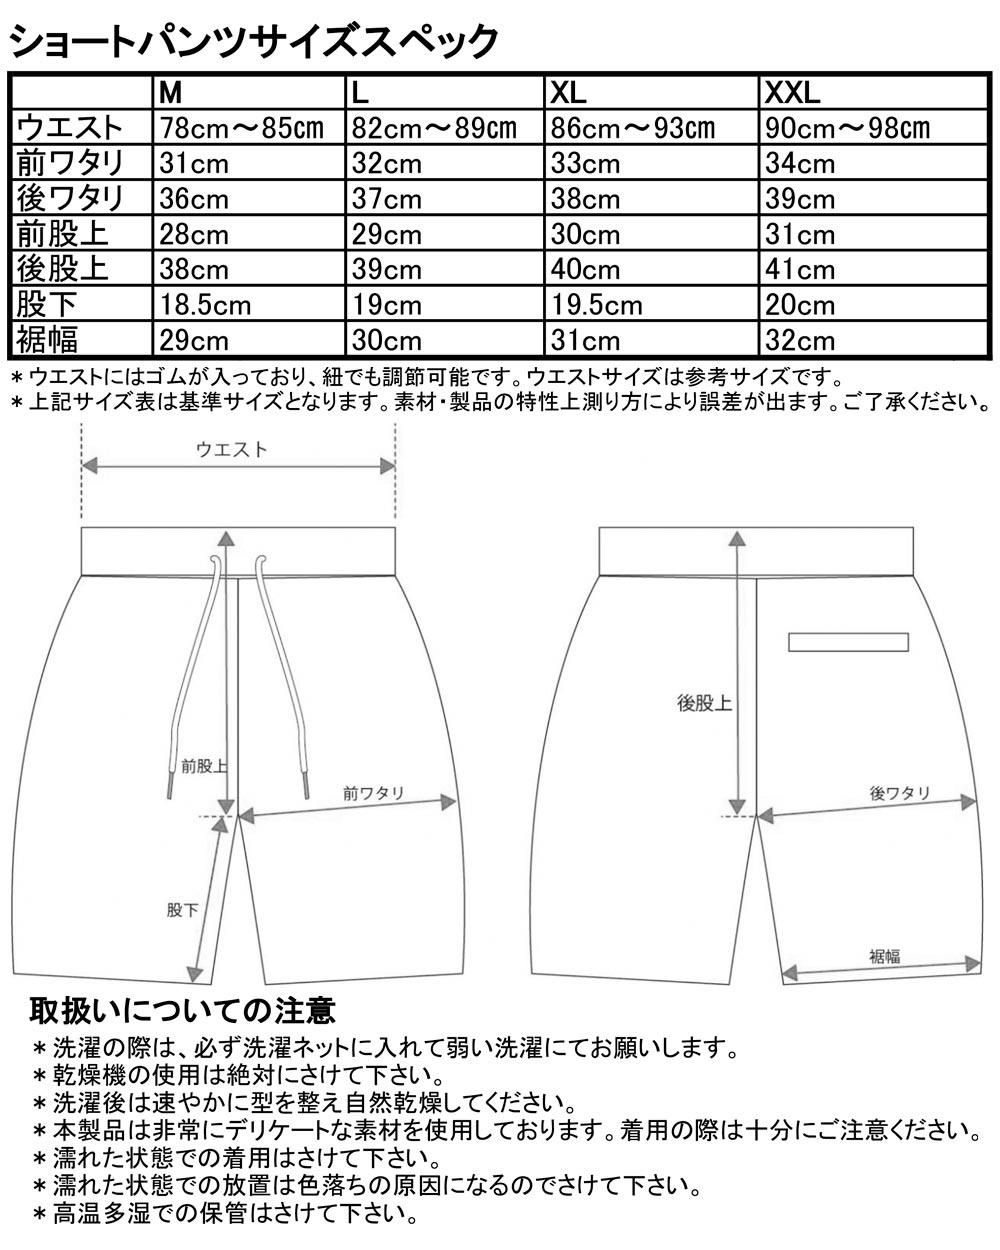 新日本プロレス ハーフパンツ 高橋ヒロムモデル ブラック M